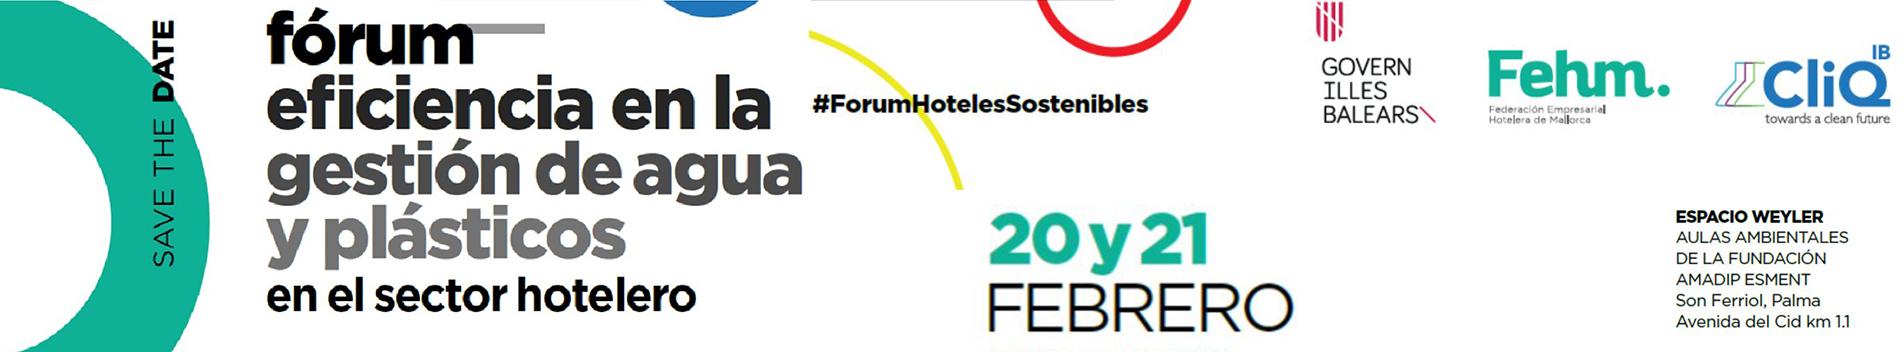 ASOBIOCOM en Forum sobre eficiencia en la gestión de agua y plásticos en el sector hotelero